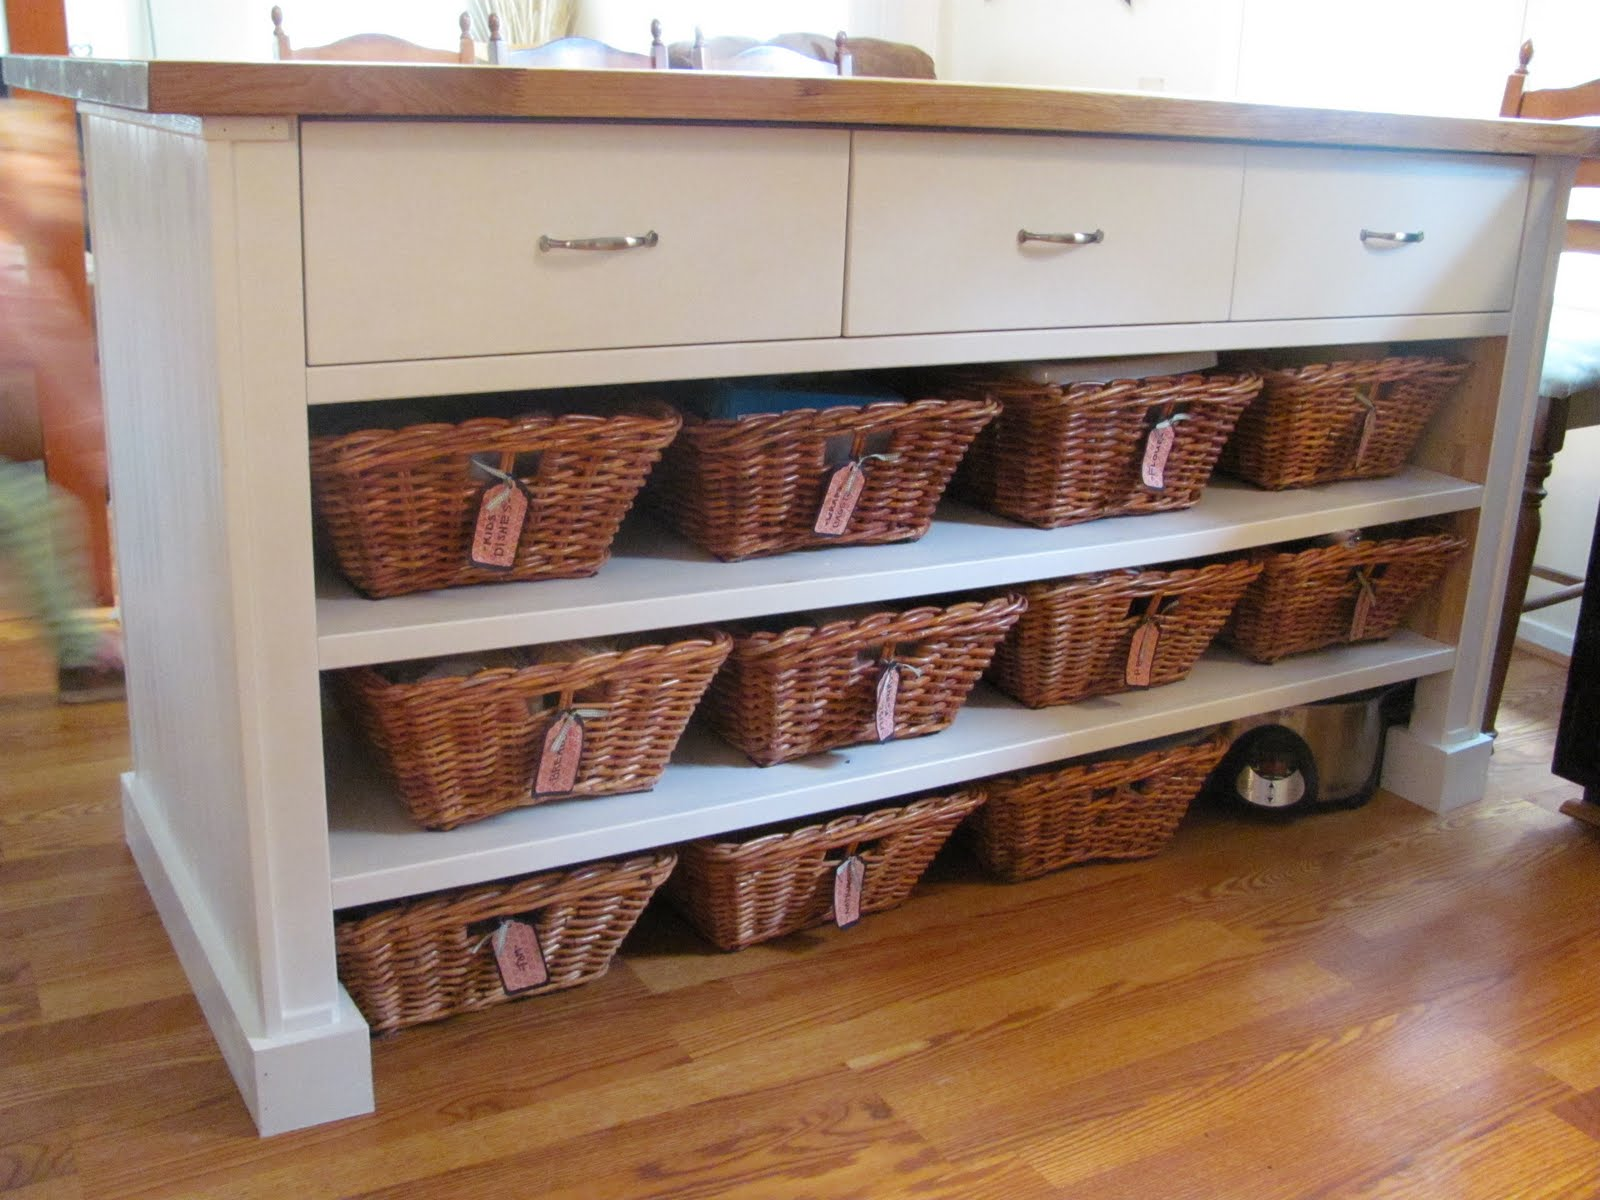 ikea stenstorp kitchen island review. Black Bedroom Furniture Sets. Home Design Ideas